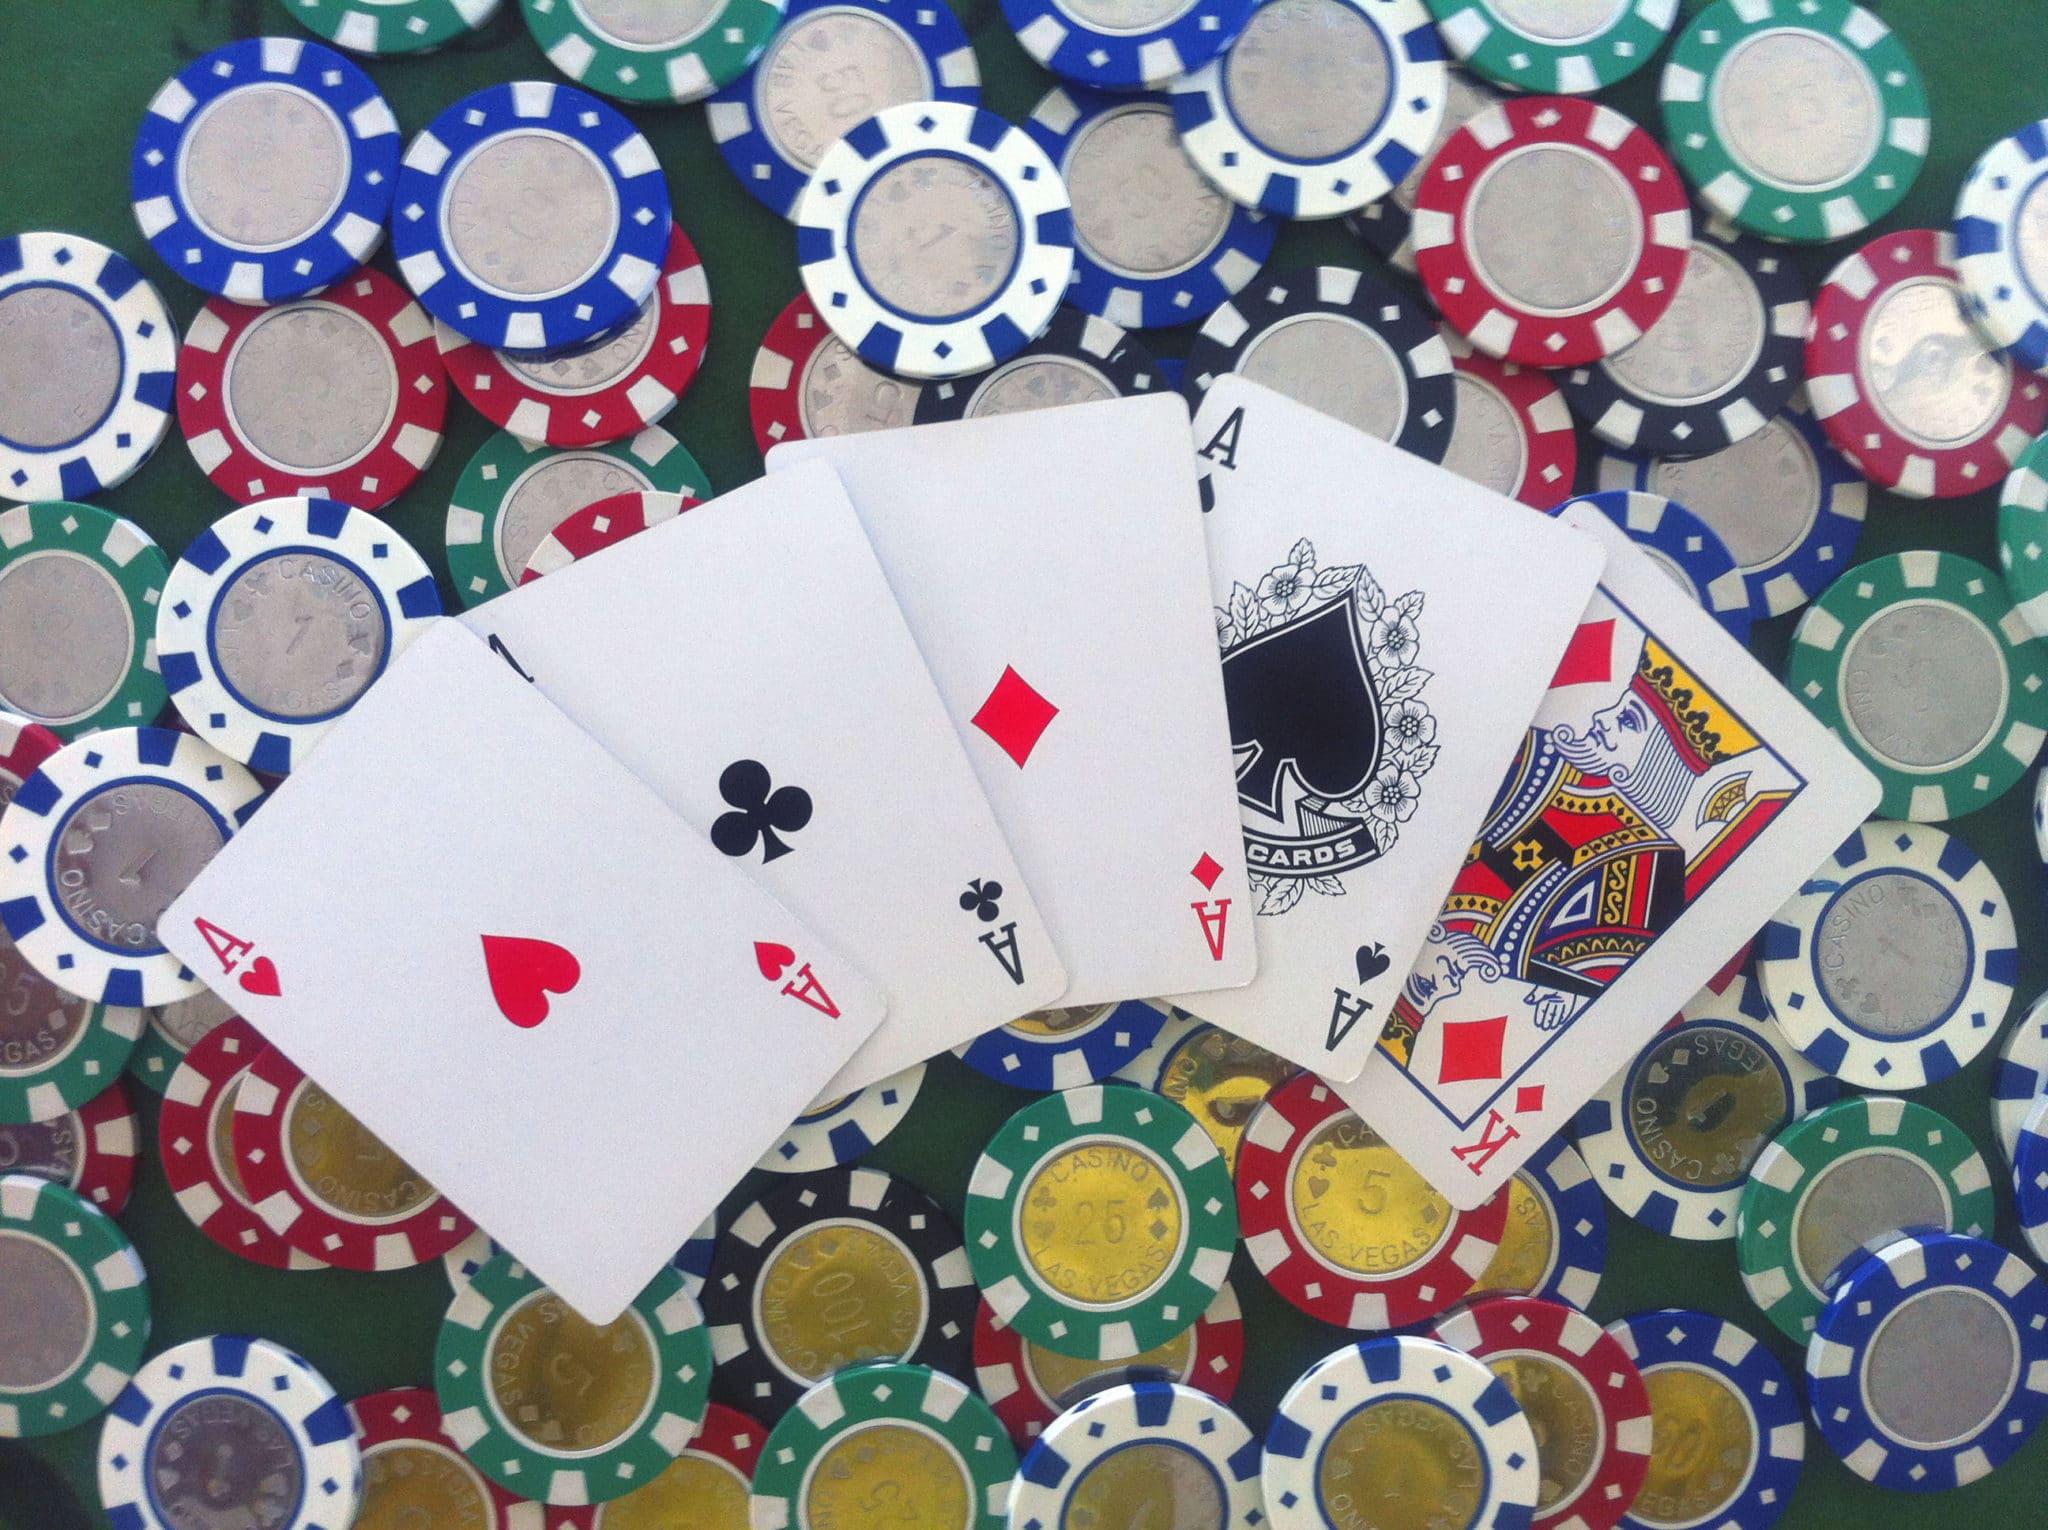 regle poker regles de jeux toutes vos r gles de jeux. Black Bedroom Furniture Sets. Home Design Ideas